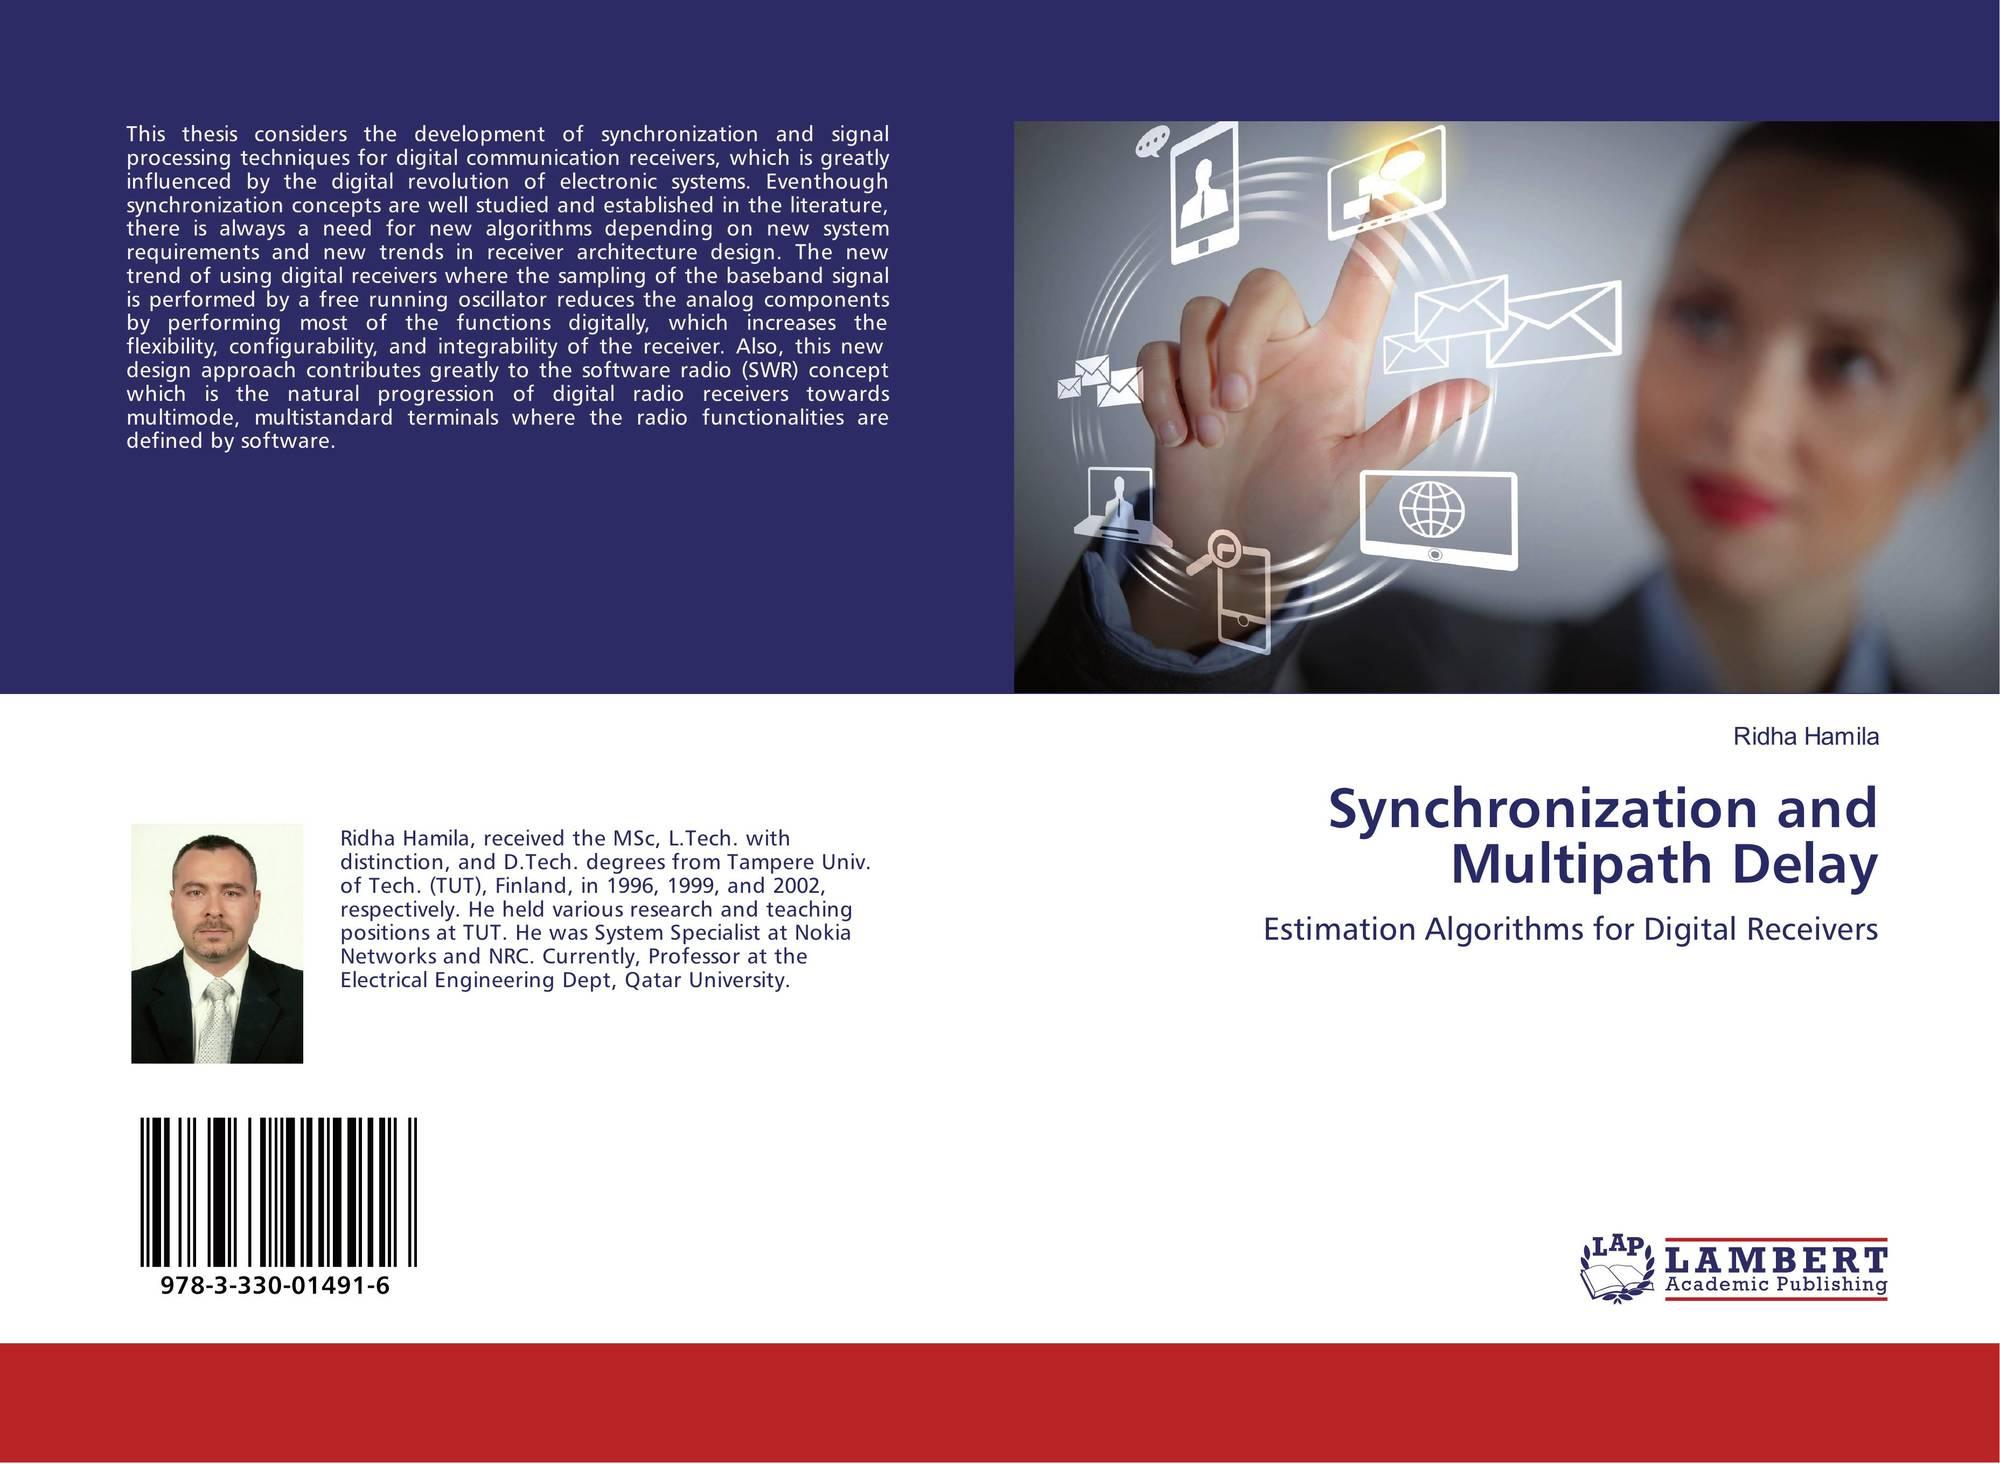 mein lernbuch